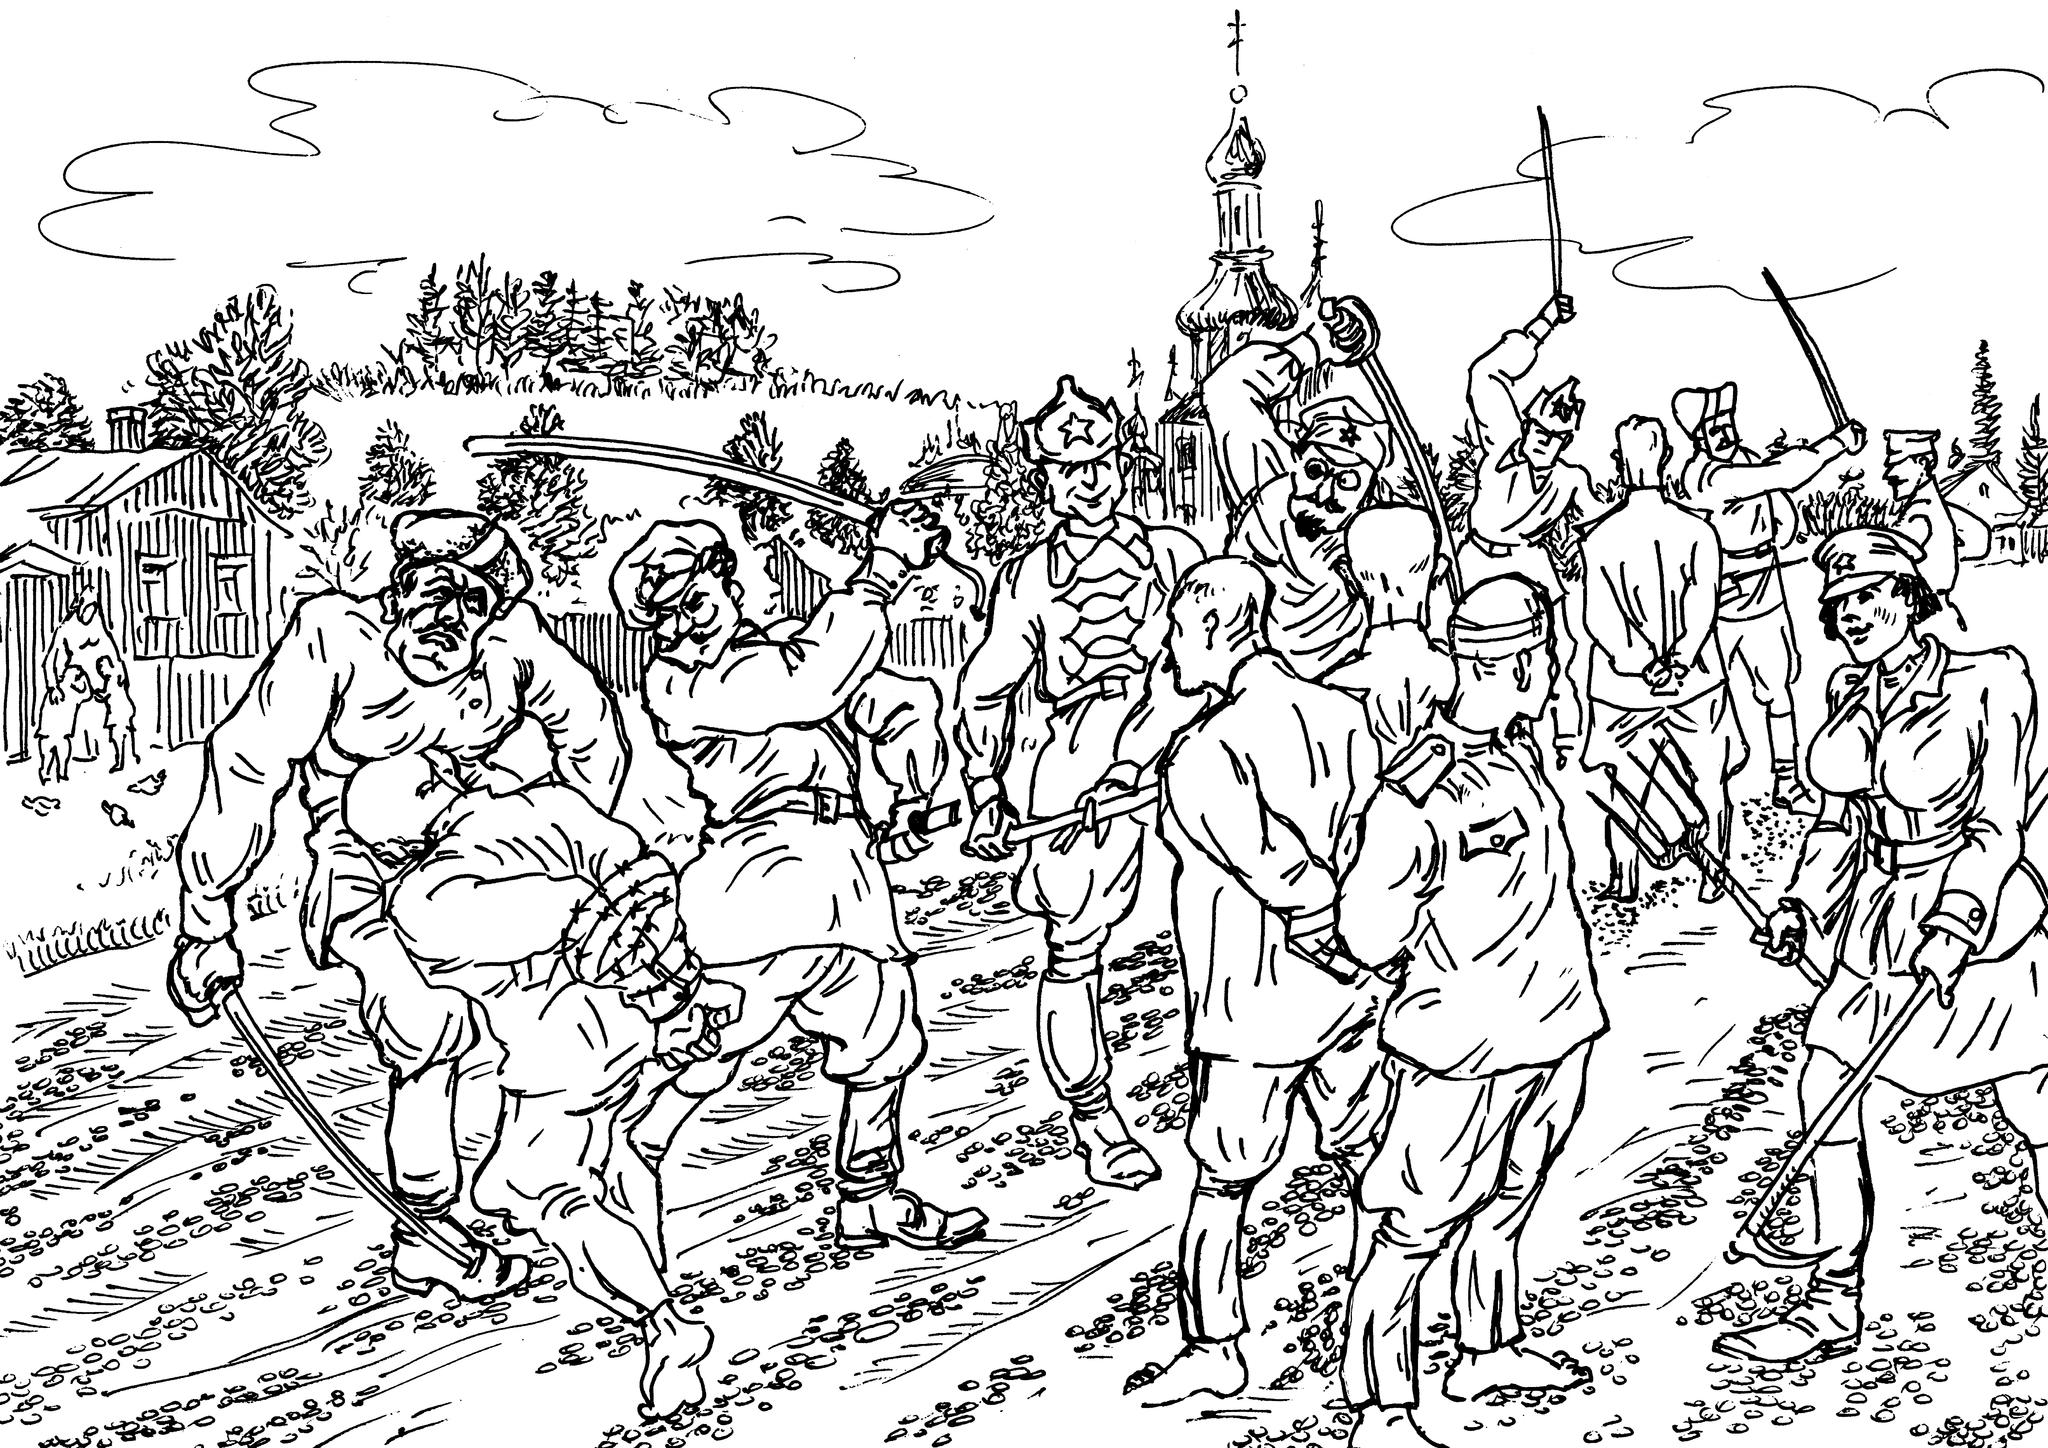 Захваченных в плен офицеров обычно поднимали на вилы, а до этого издевались, как могли, изощрённо и «мастерски»